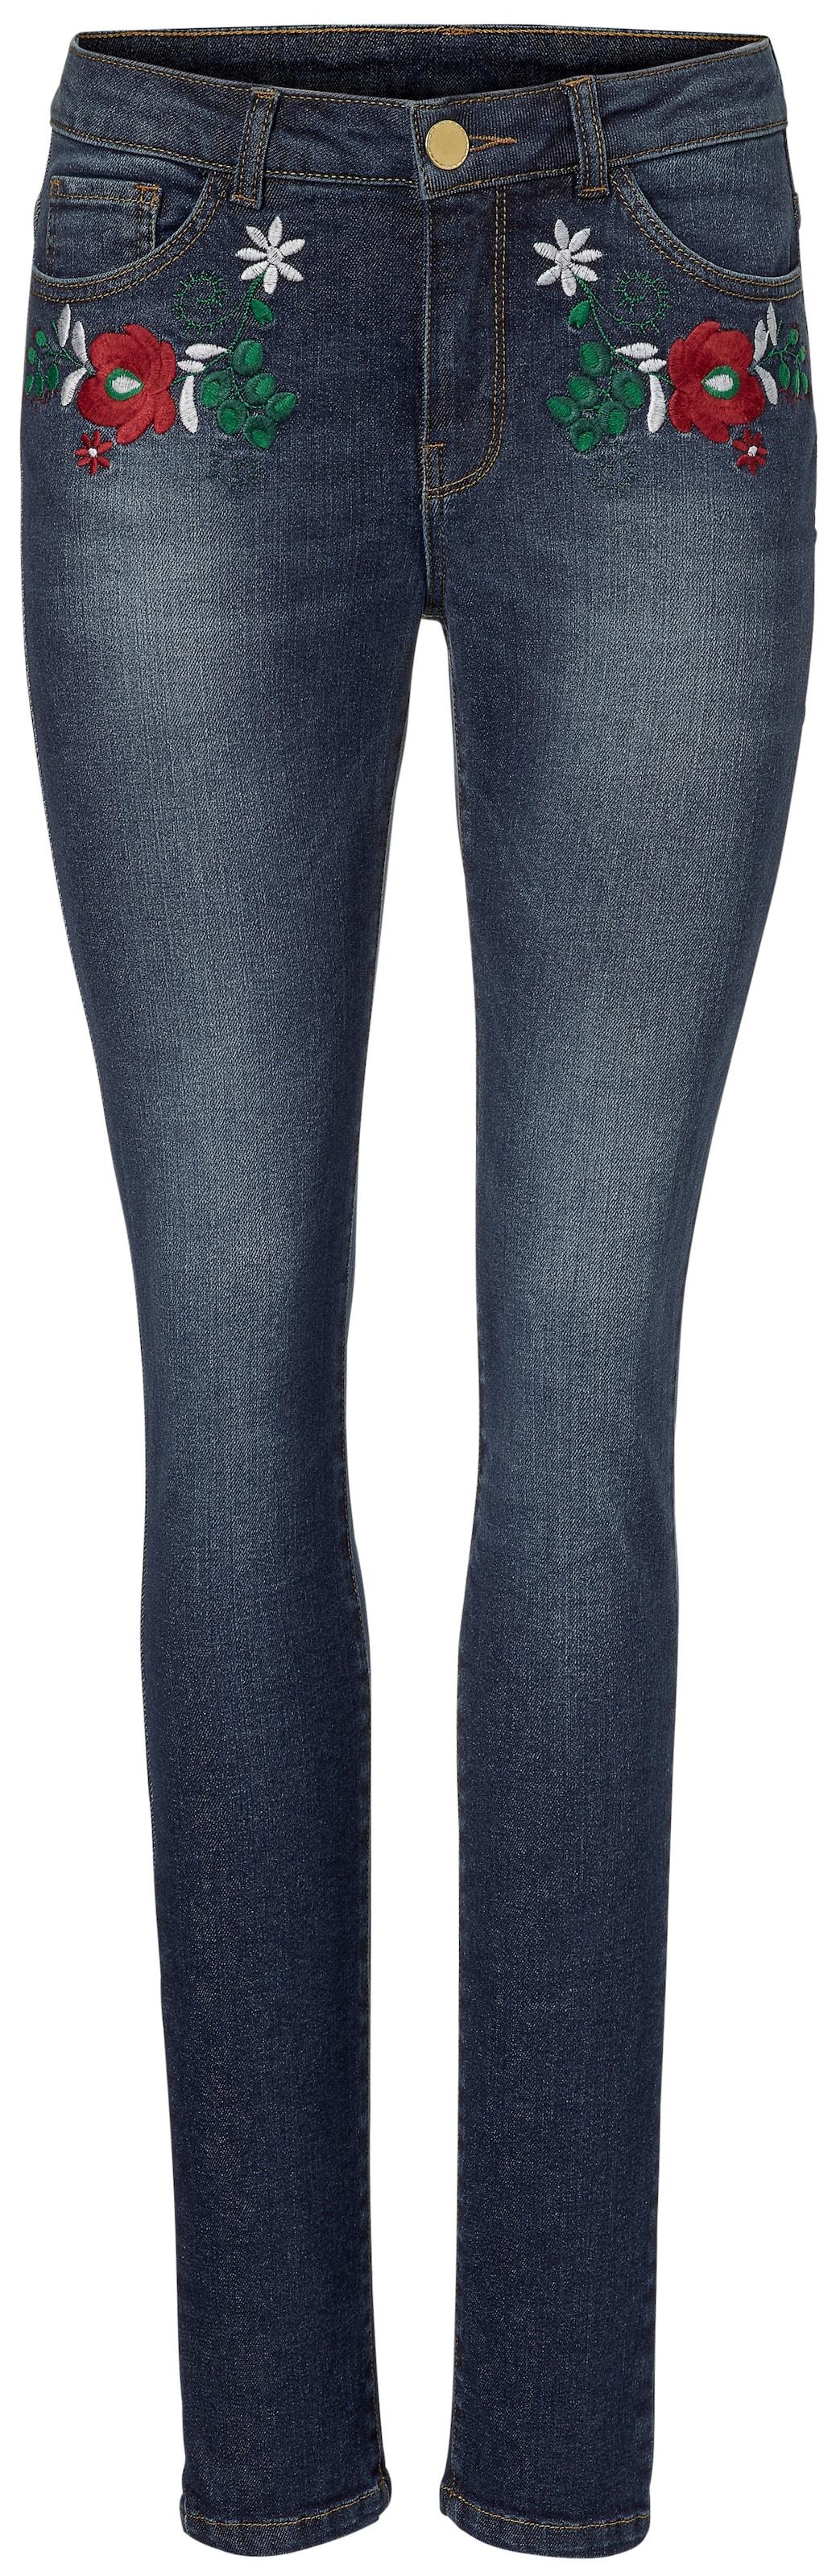 B.C. Best Connections by heine Jeans mit Blumenstickerei Großer Rabatt Zum Verkauf ES8Ii